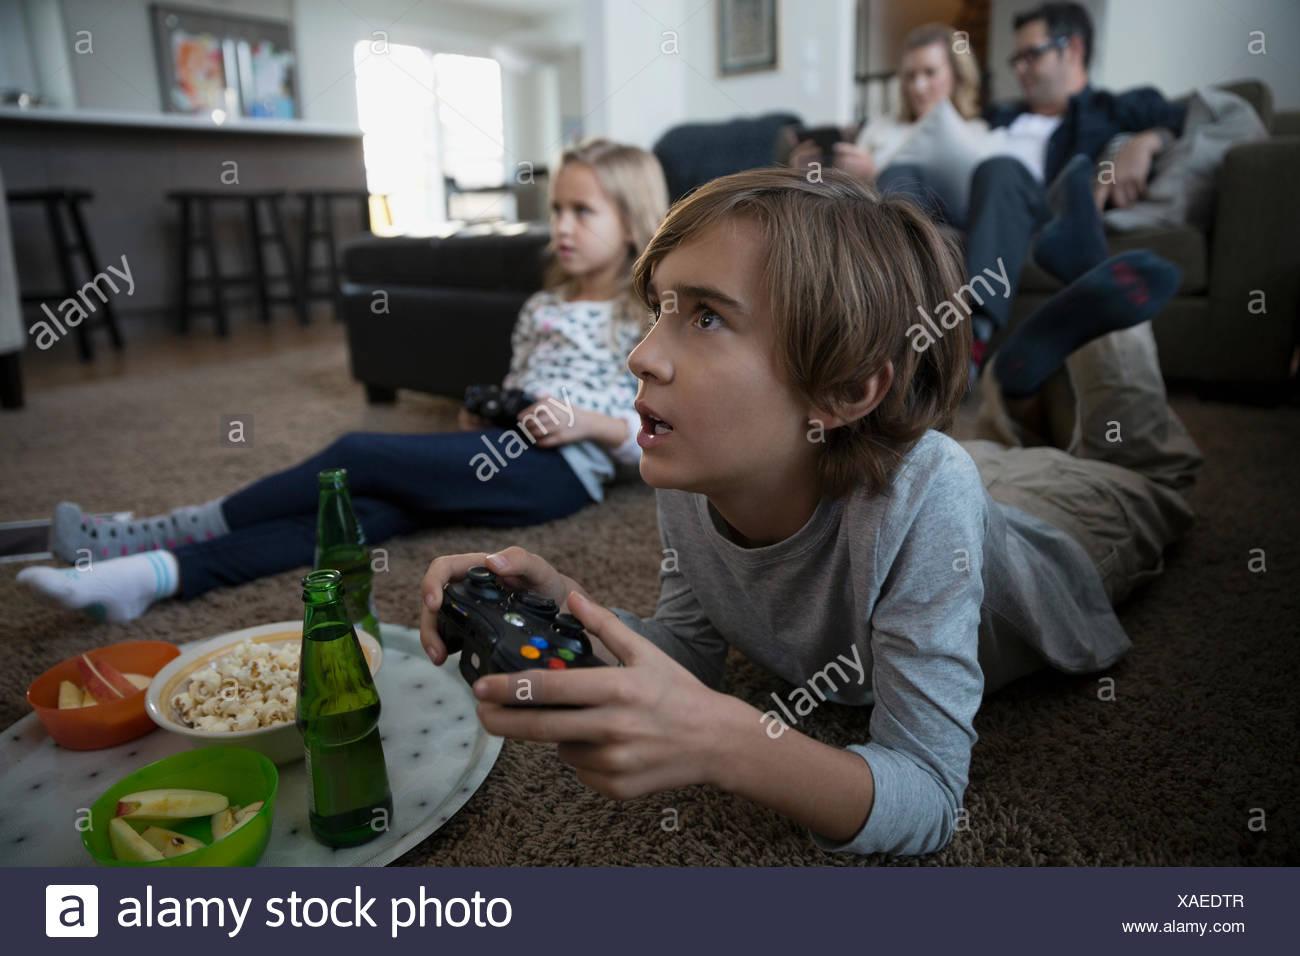 Junge mit Snacks spielen Videospiel-Wohnzimmer Stockbild